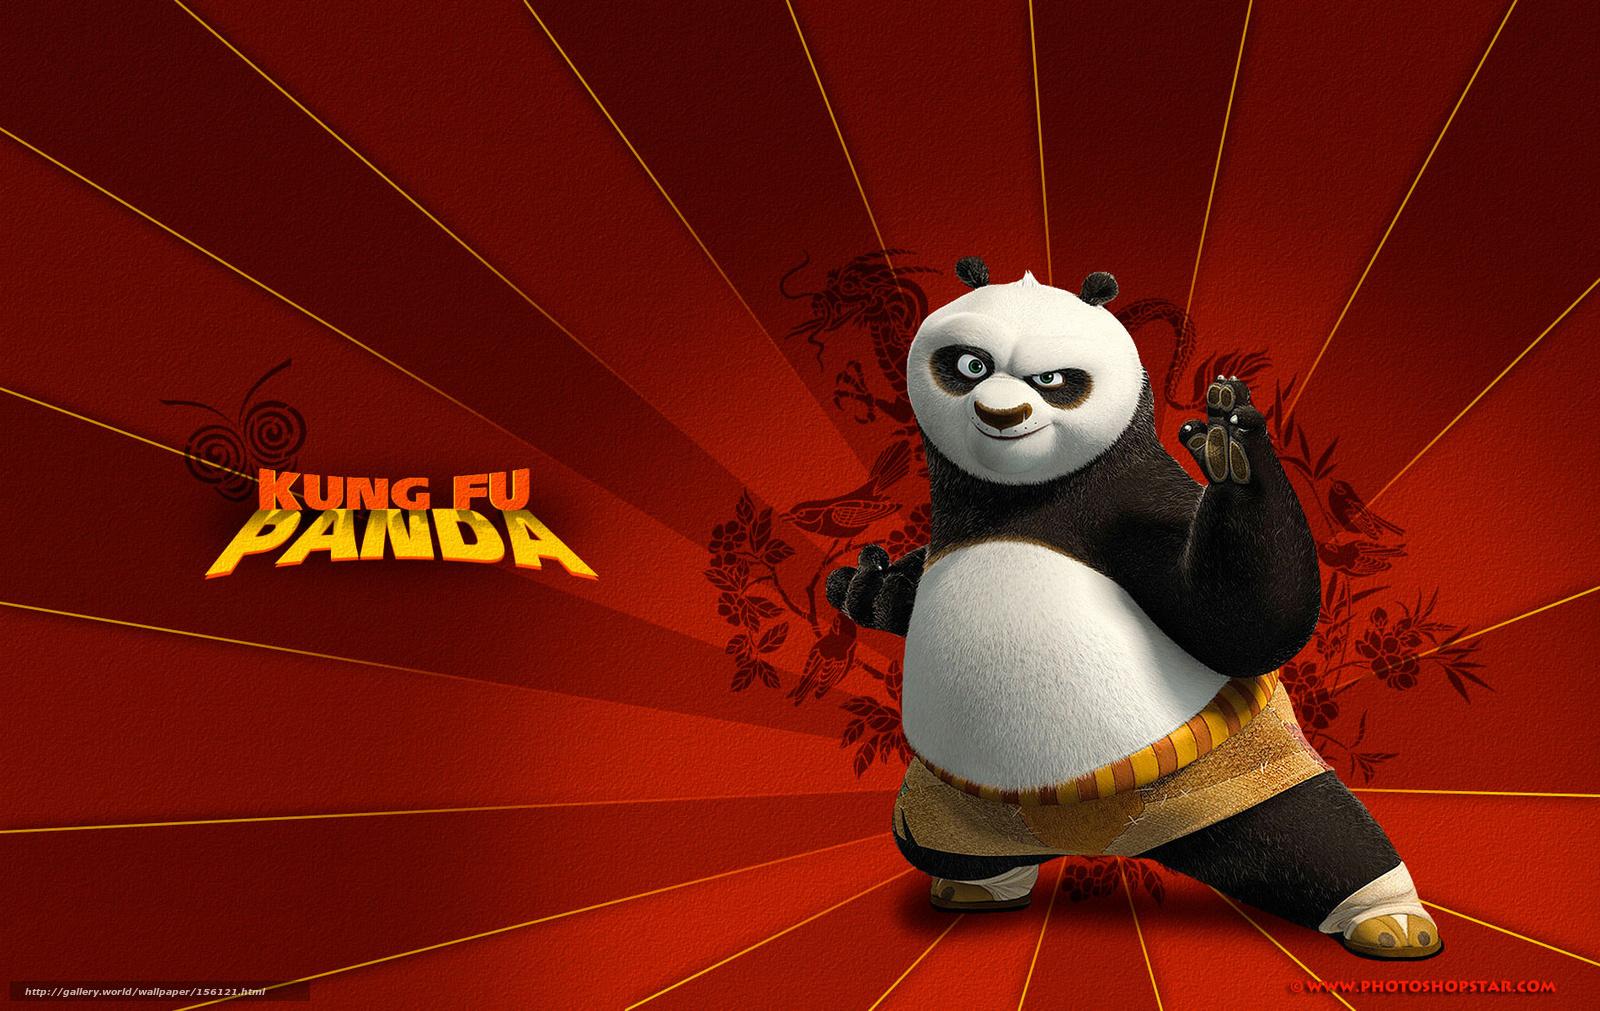 kungfu panda Trong phần 3 của kung fu panda, po gặp lại người cha của mình hai người cùng tới một vùng đất chưa từng ai biết tới.